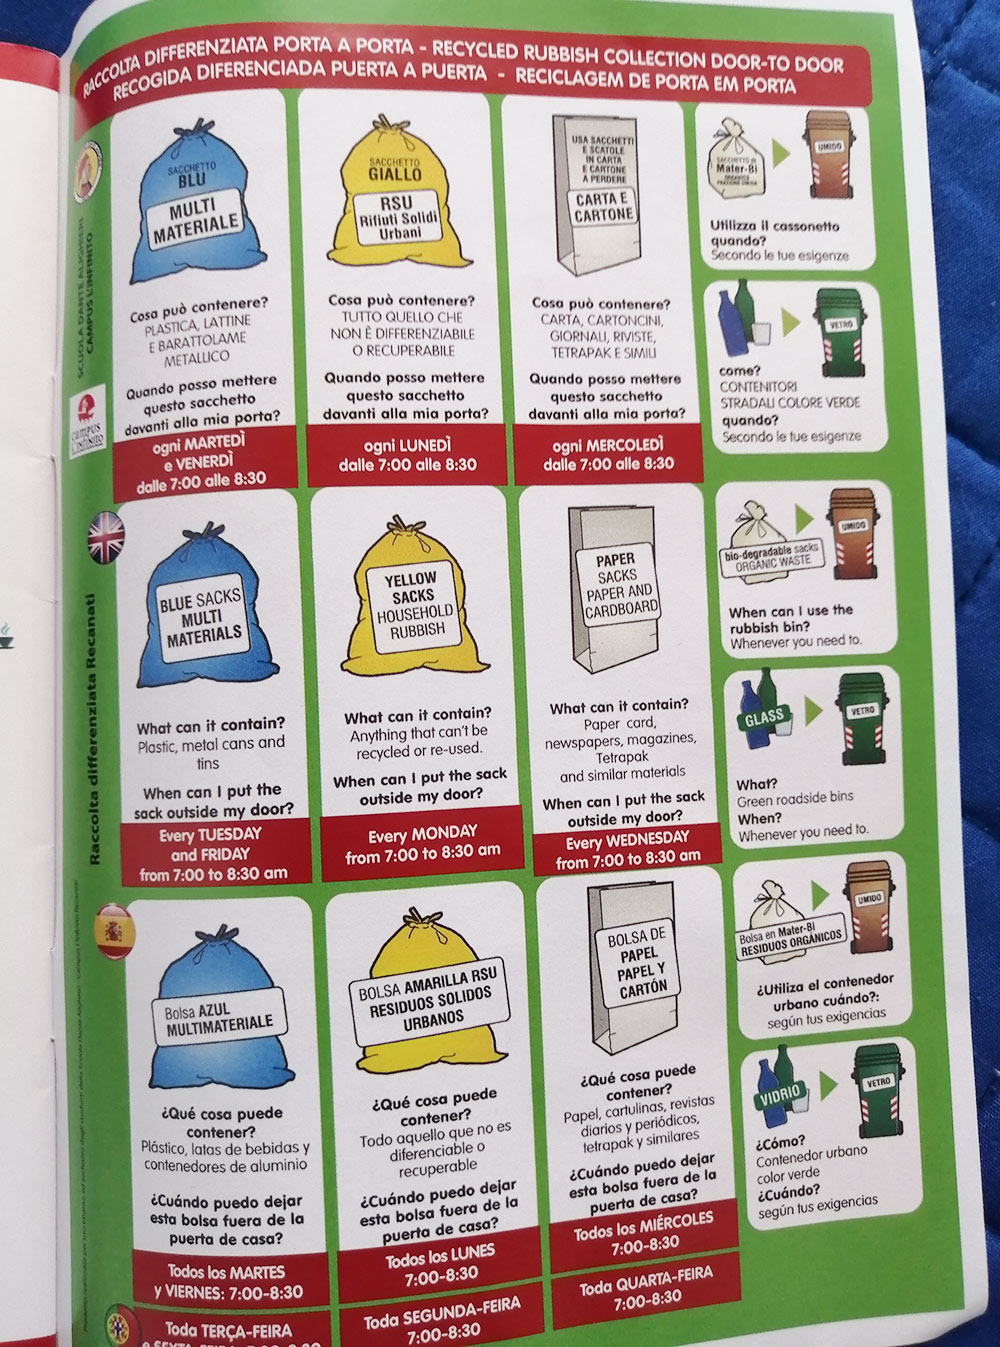 В первый день занятий преподаватели выдали нам брошюры справилами сортировки мусора. Длякаждого вида мусора — свой пакет. Всиний пакет кладем пластик, вбумажный — бумагу, вбиоразлагаемый — органические отходы. Вжелтый пакет мы выбрасывали все, что нельзя переработать или выбросить влюбой другой пакет. Поначалу было непривычно задумываться надтем, куда выбросить фантик отконфеты илисалфетку, носкоро это стало обычным делом